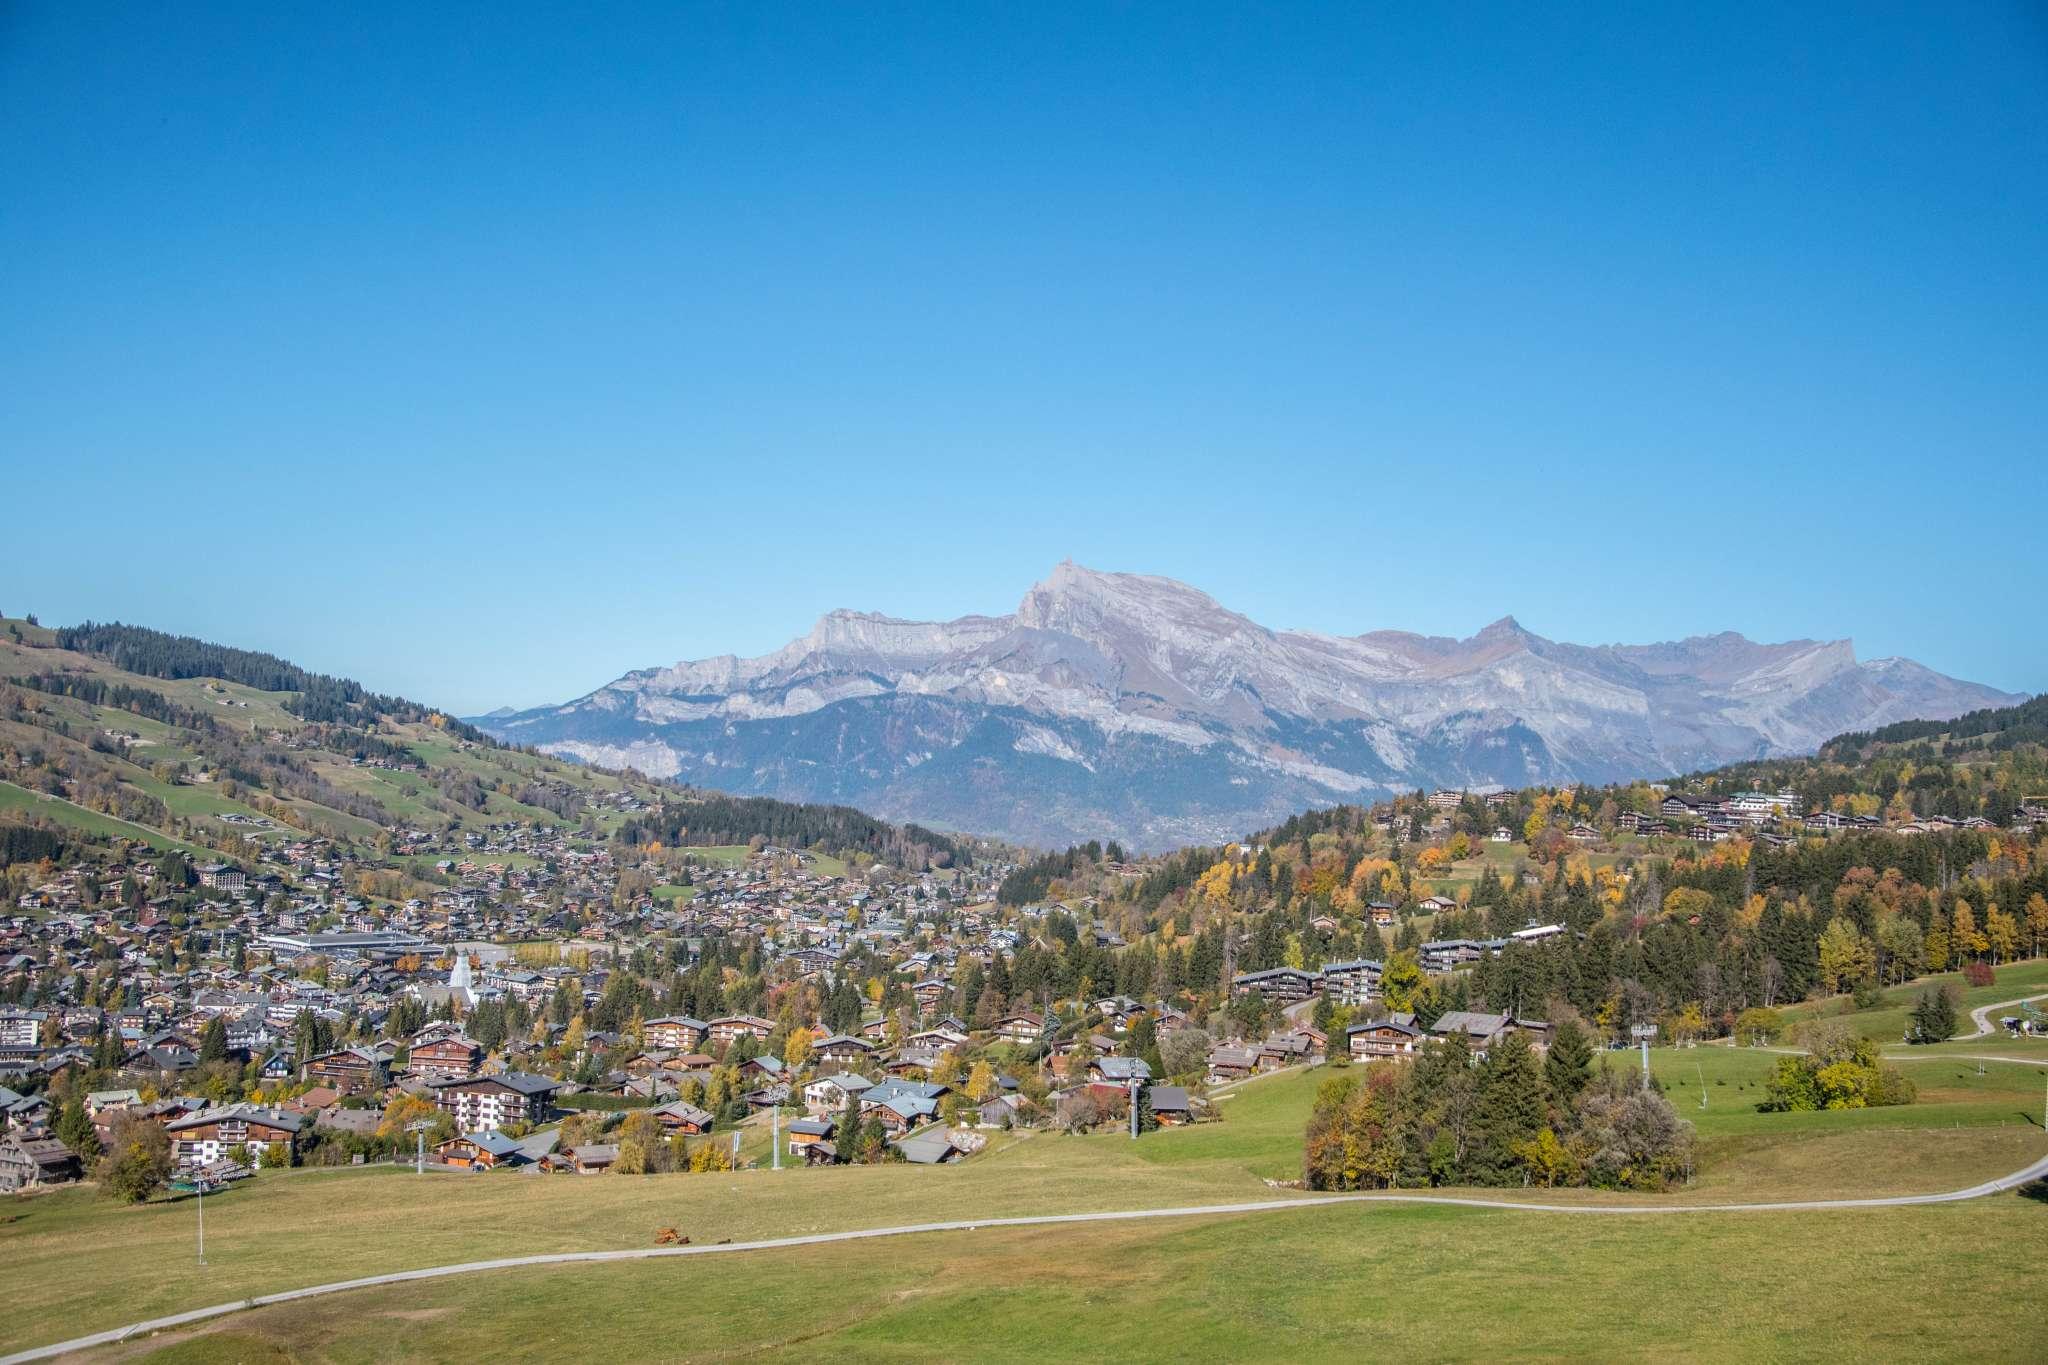 automne vallée